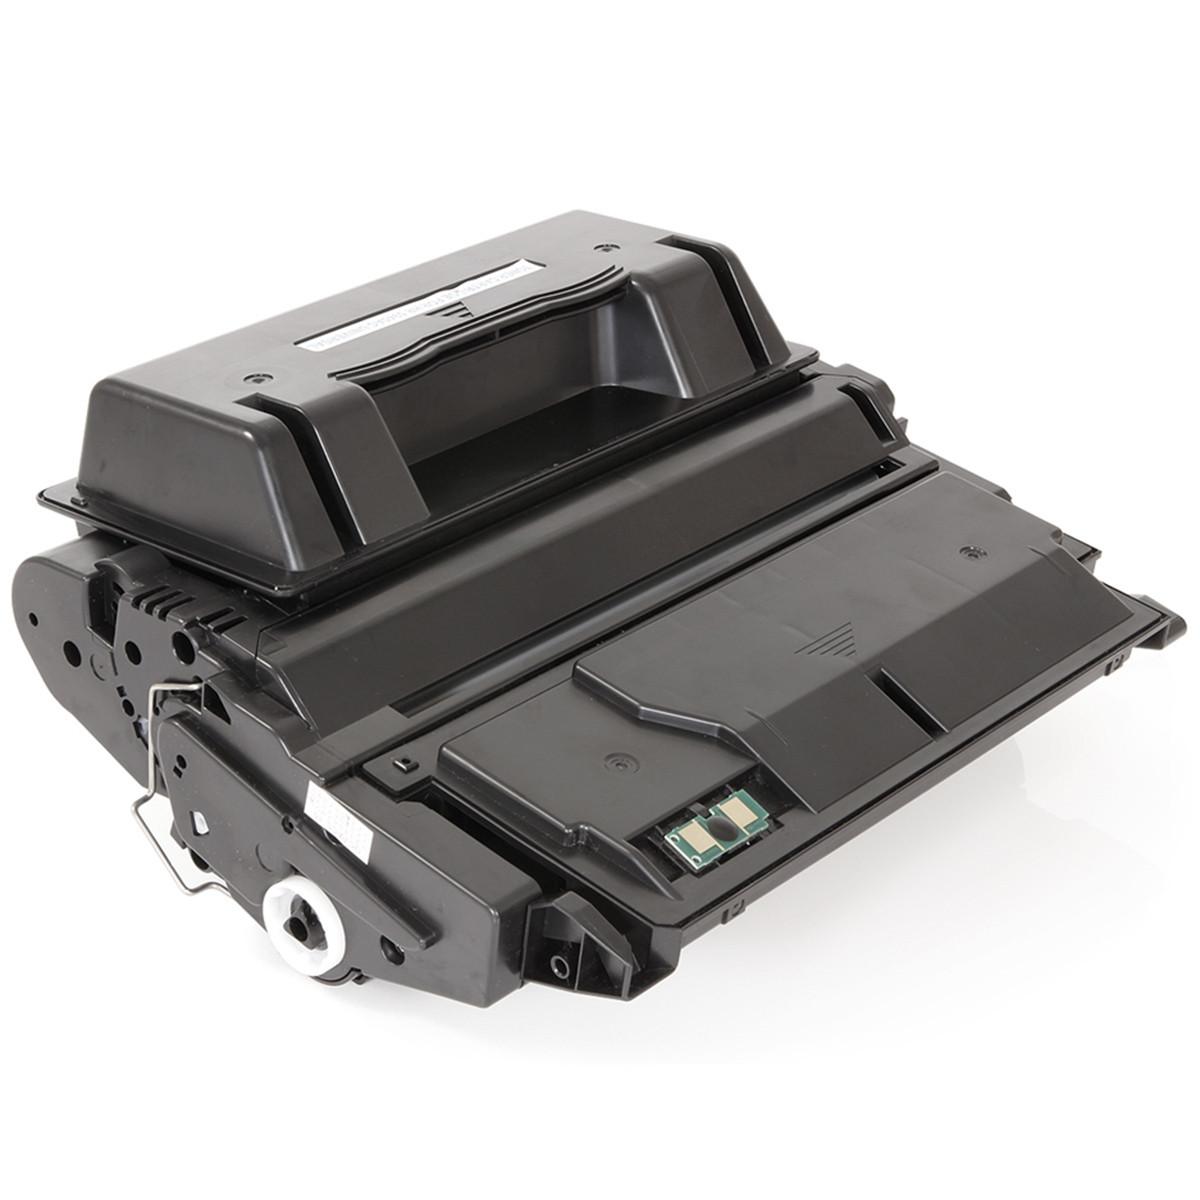 Toner Compatível com HP Q5942A | HP 4250 HP 4350 | Importado 18k